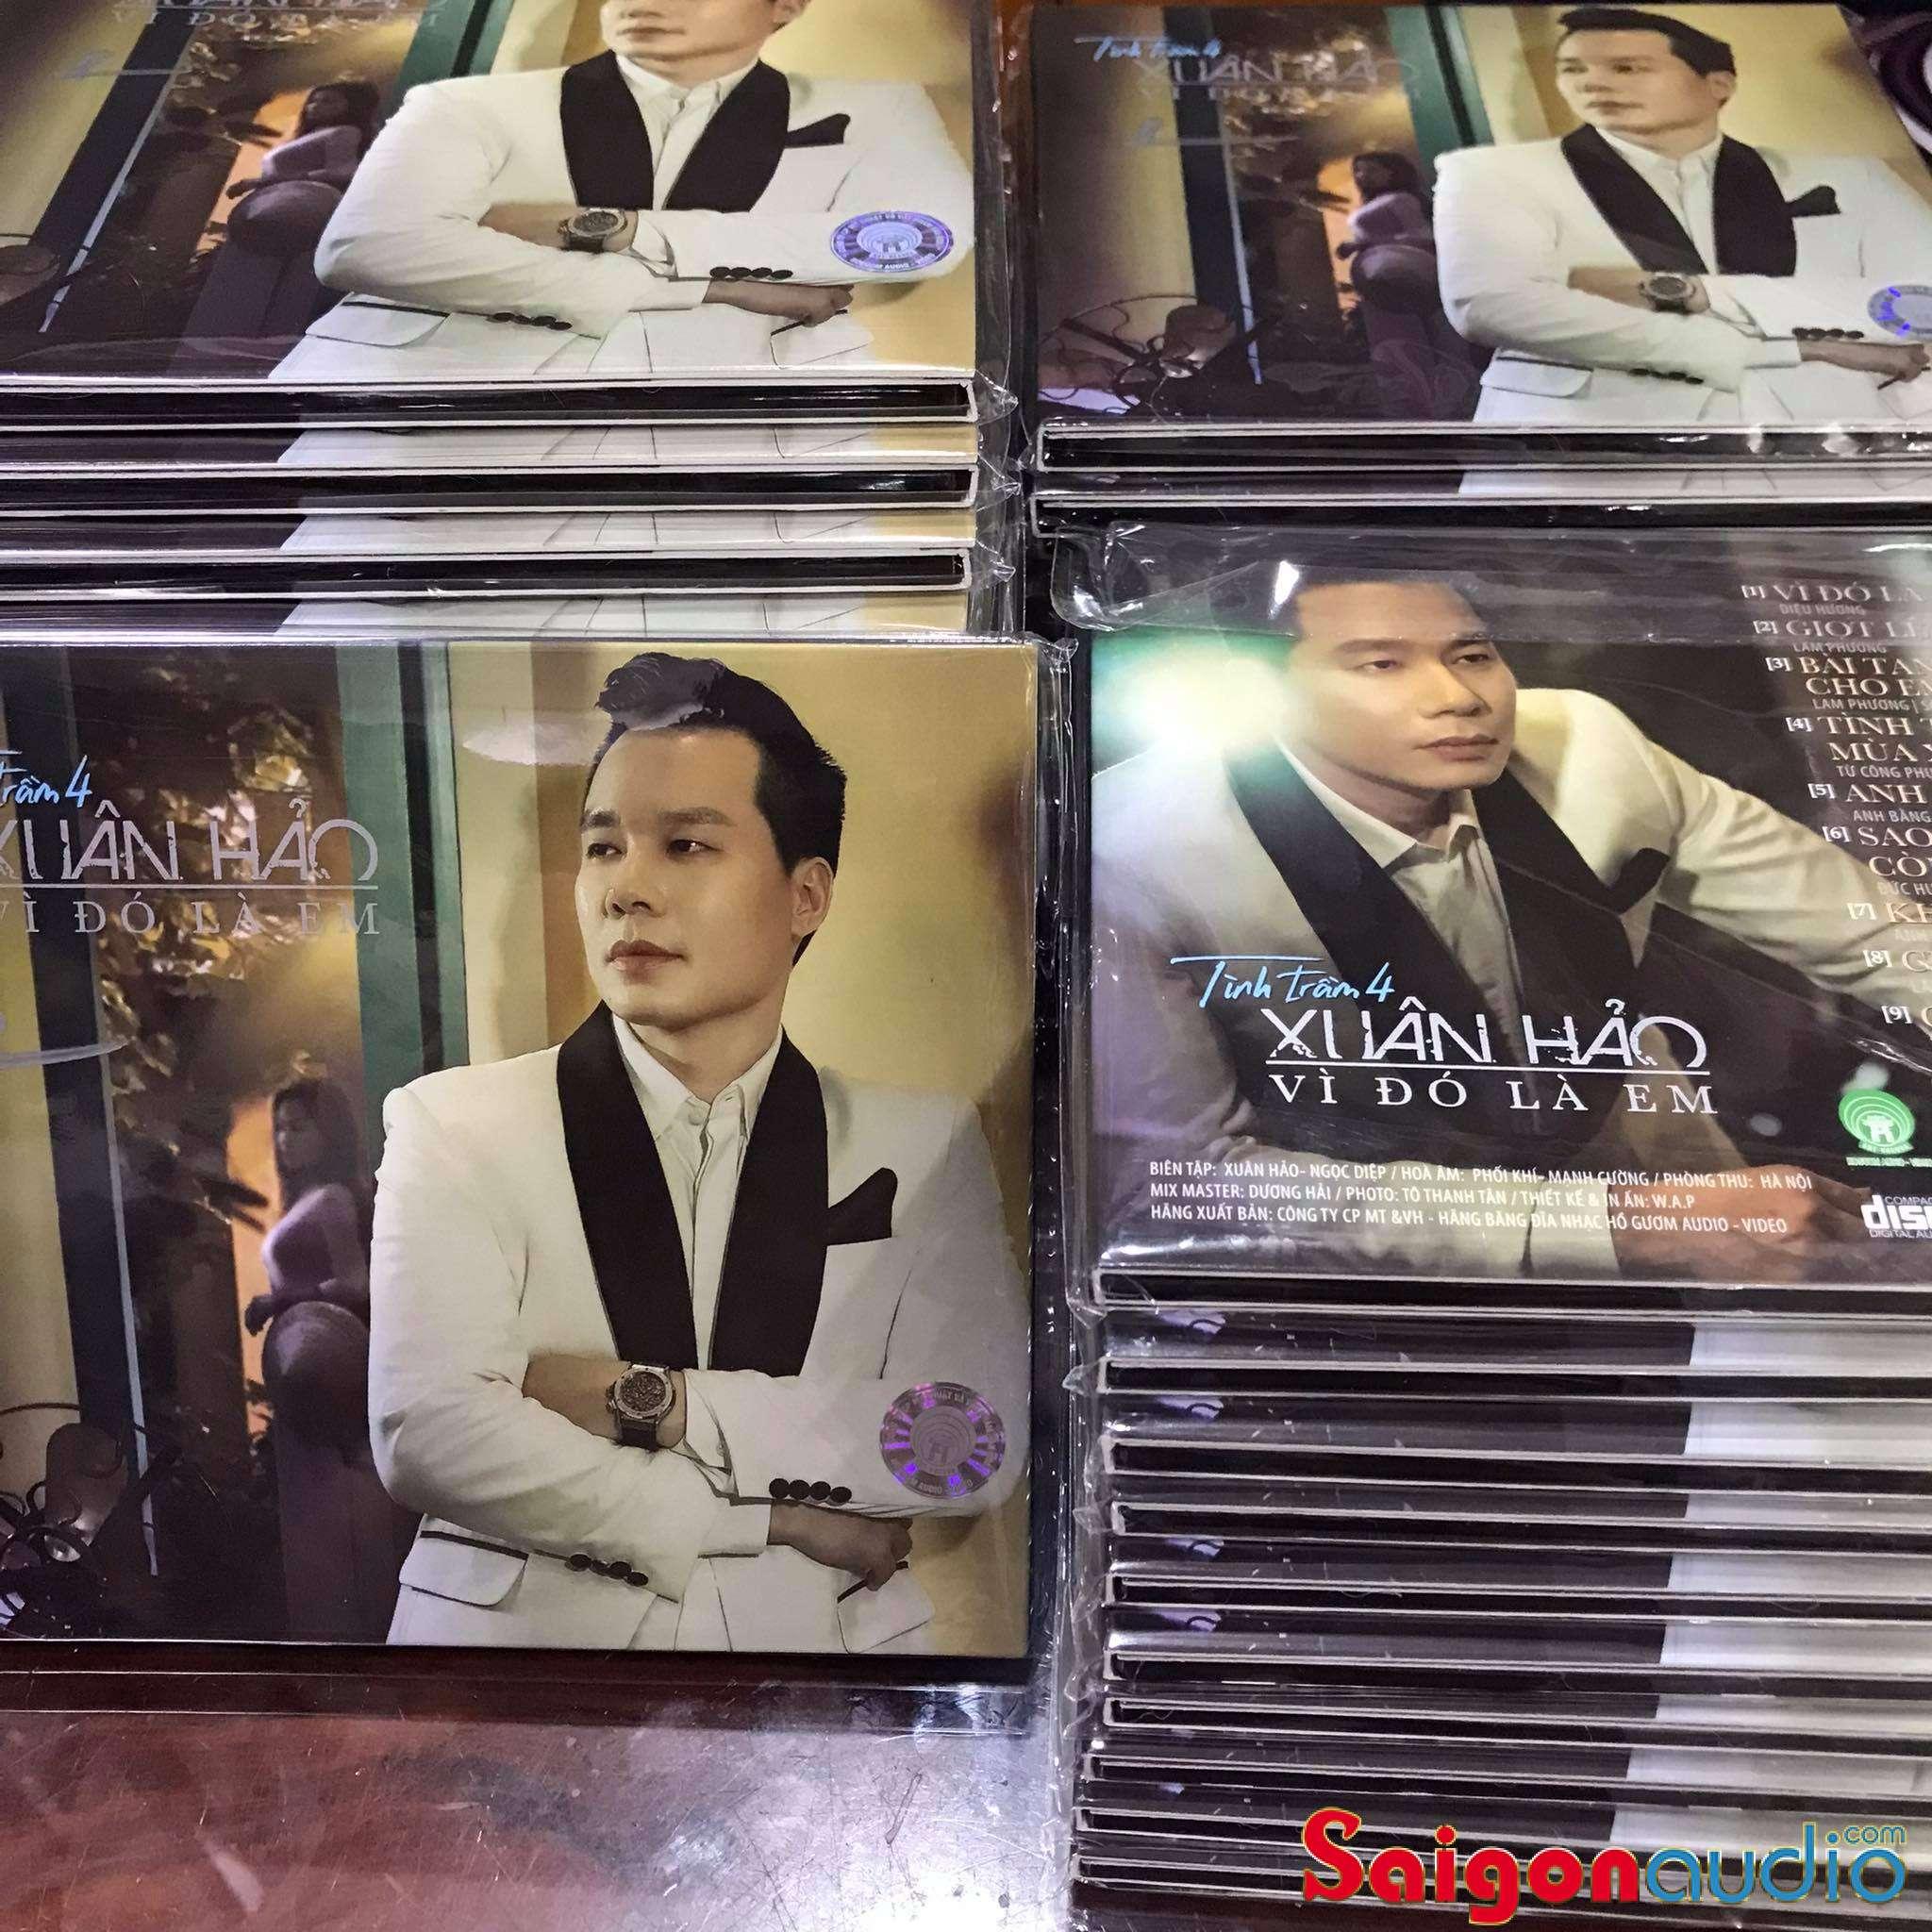 Đĩa CD nhạc gốc Xuân Hảo - Tình Trầm 4 - Vì Đó Là Em (Free ship khi mua 2 đĩa CD cùng hoặc khác loại)